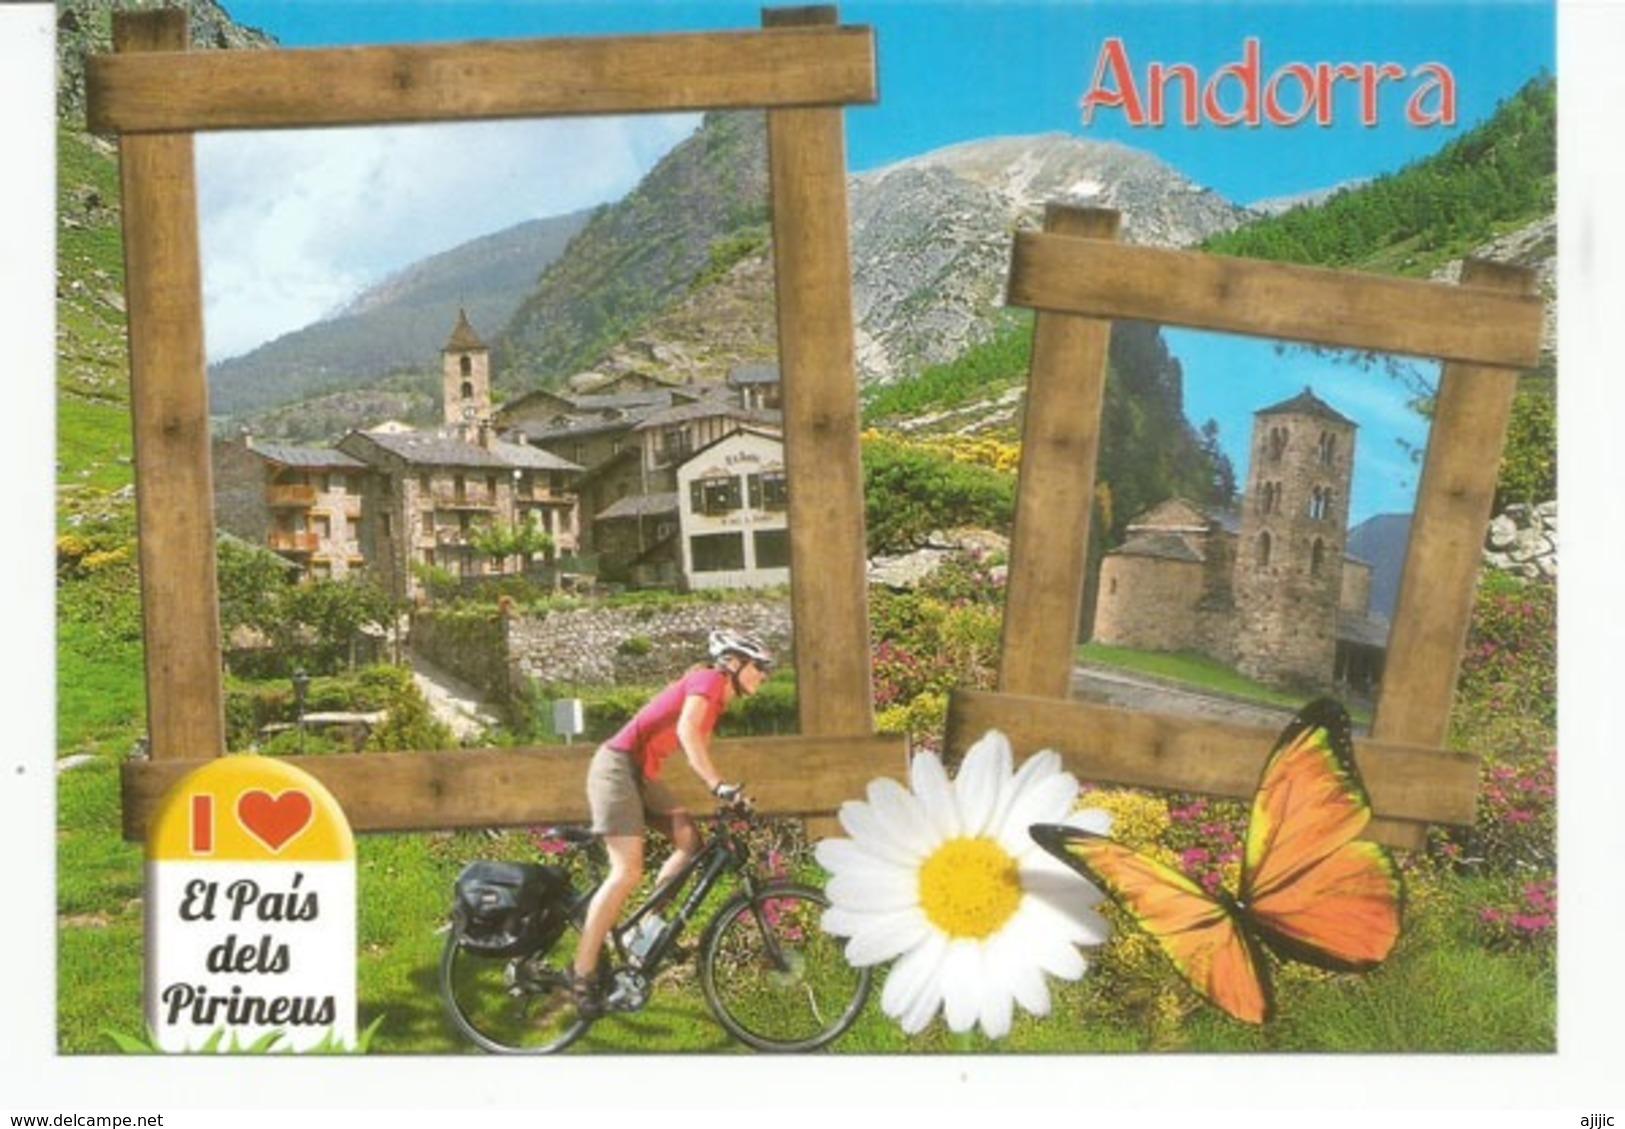 Andorra El Pais Dels Pireneus. Le Pays Du Cyclisme. Nouvelle Carte Postale Neuve, Non Circulée. - Andorre